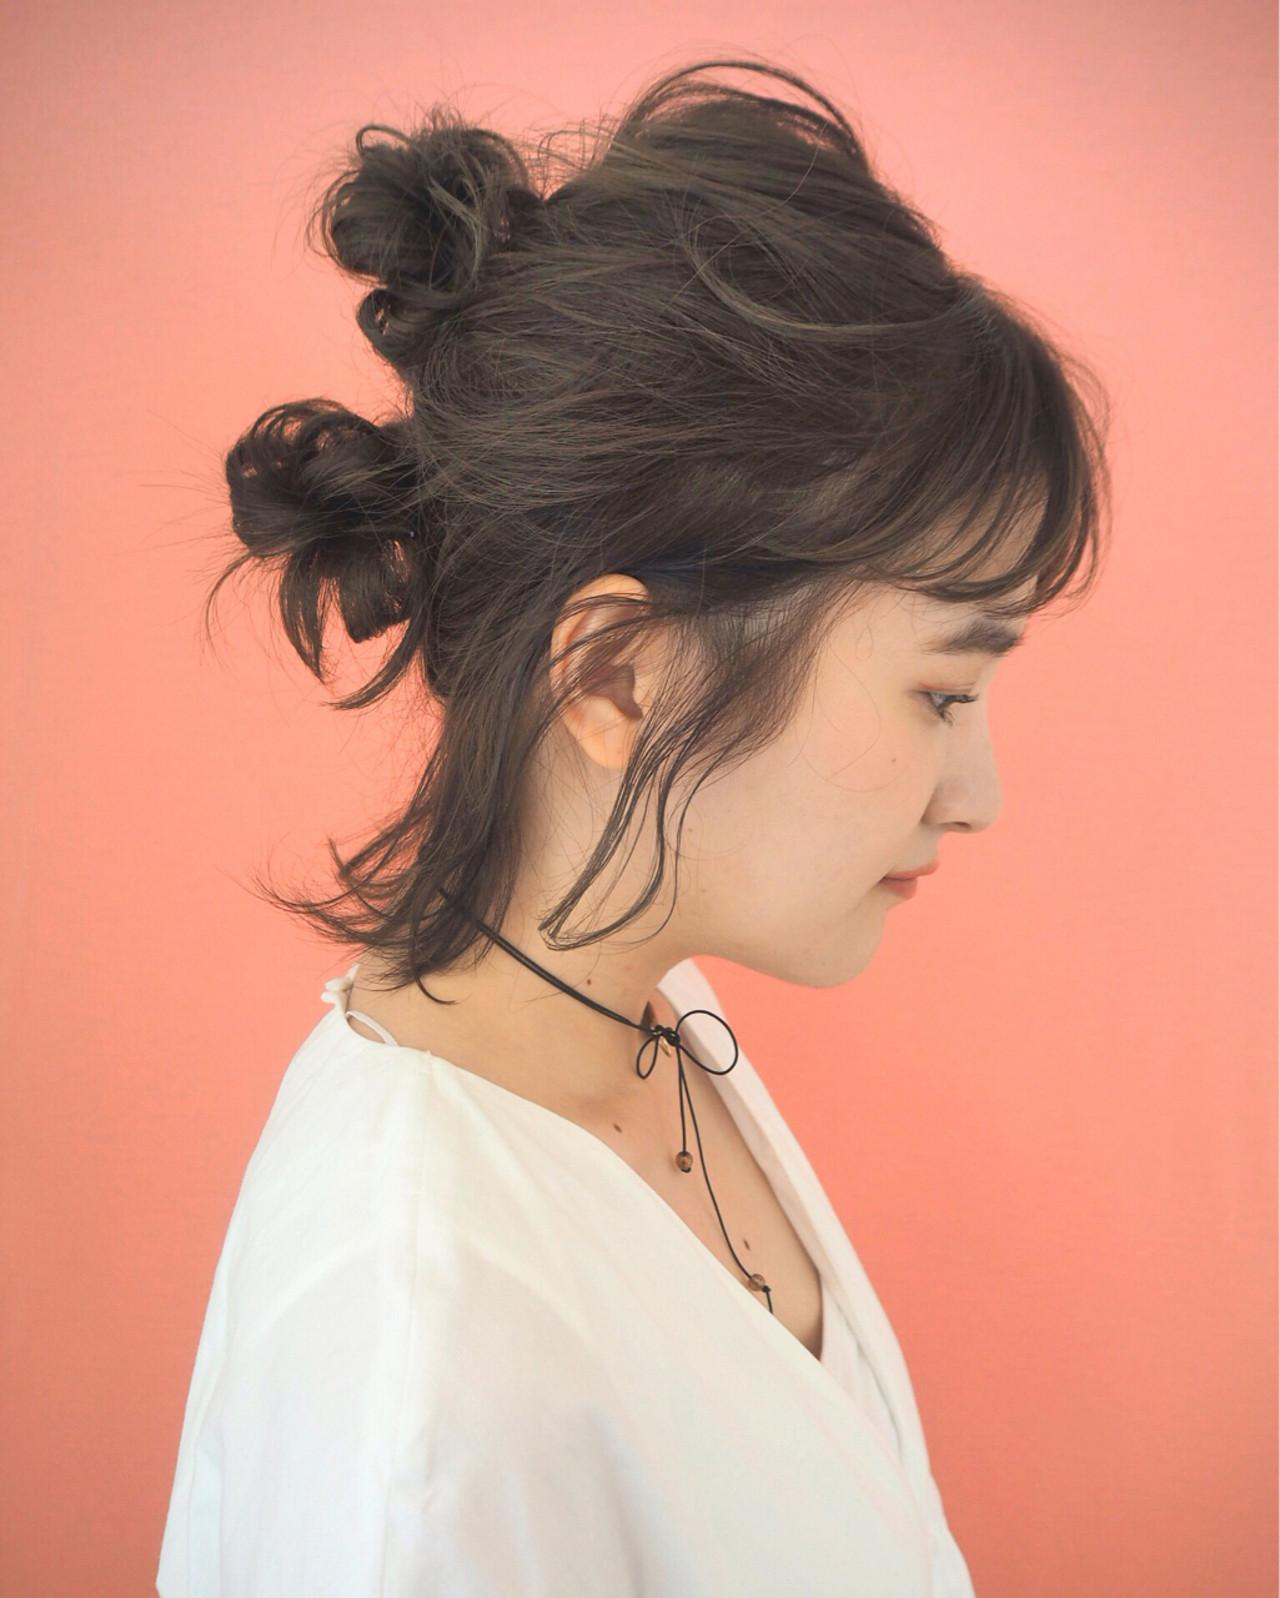 簡単ヘアアレンジ「シニヨン」のやり方特別レッスン♡基本技〜変化テクまで! 宮迫 真美  airfeel